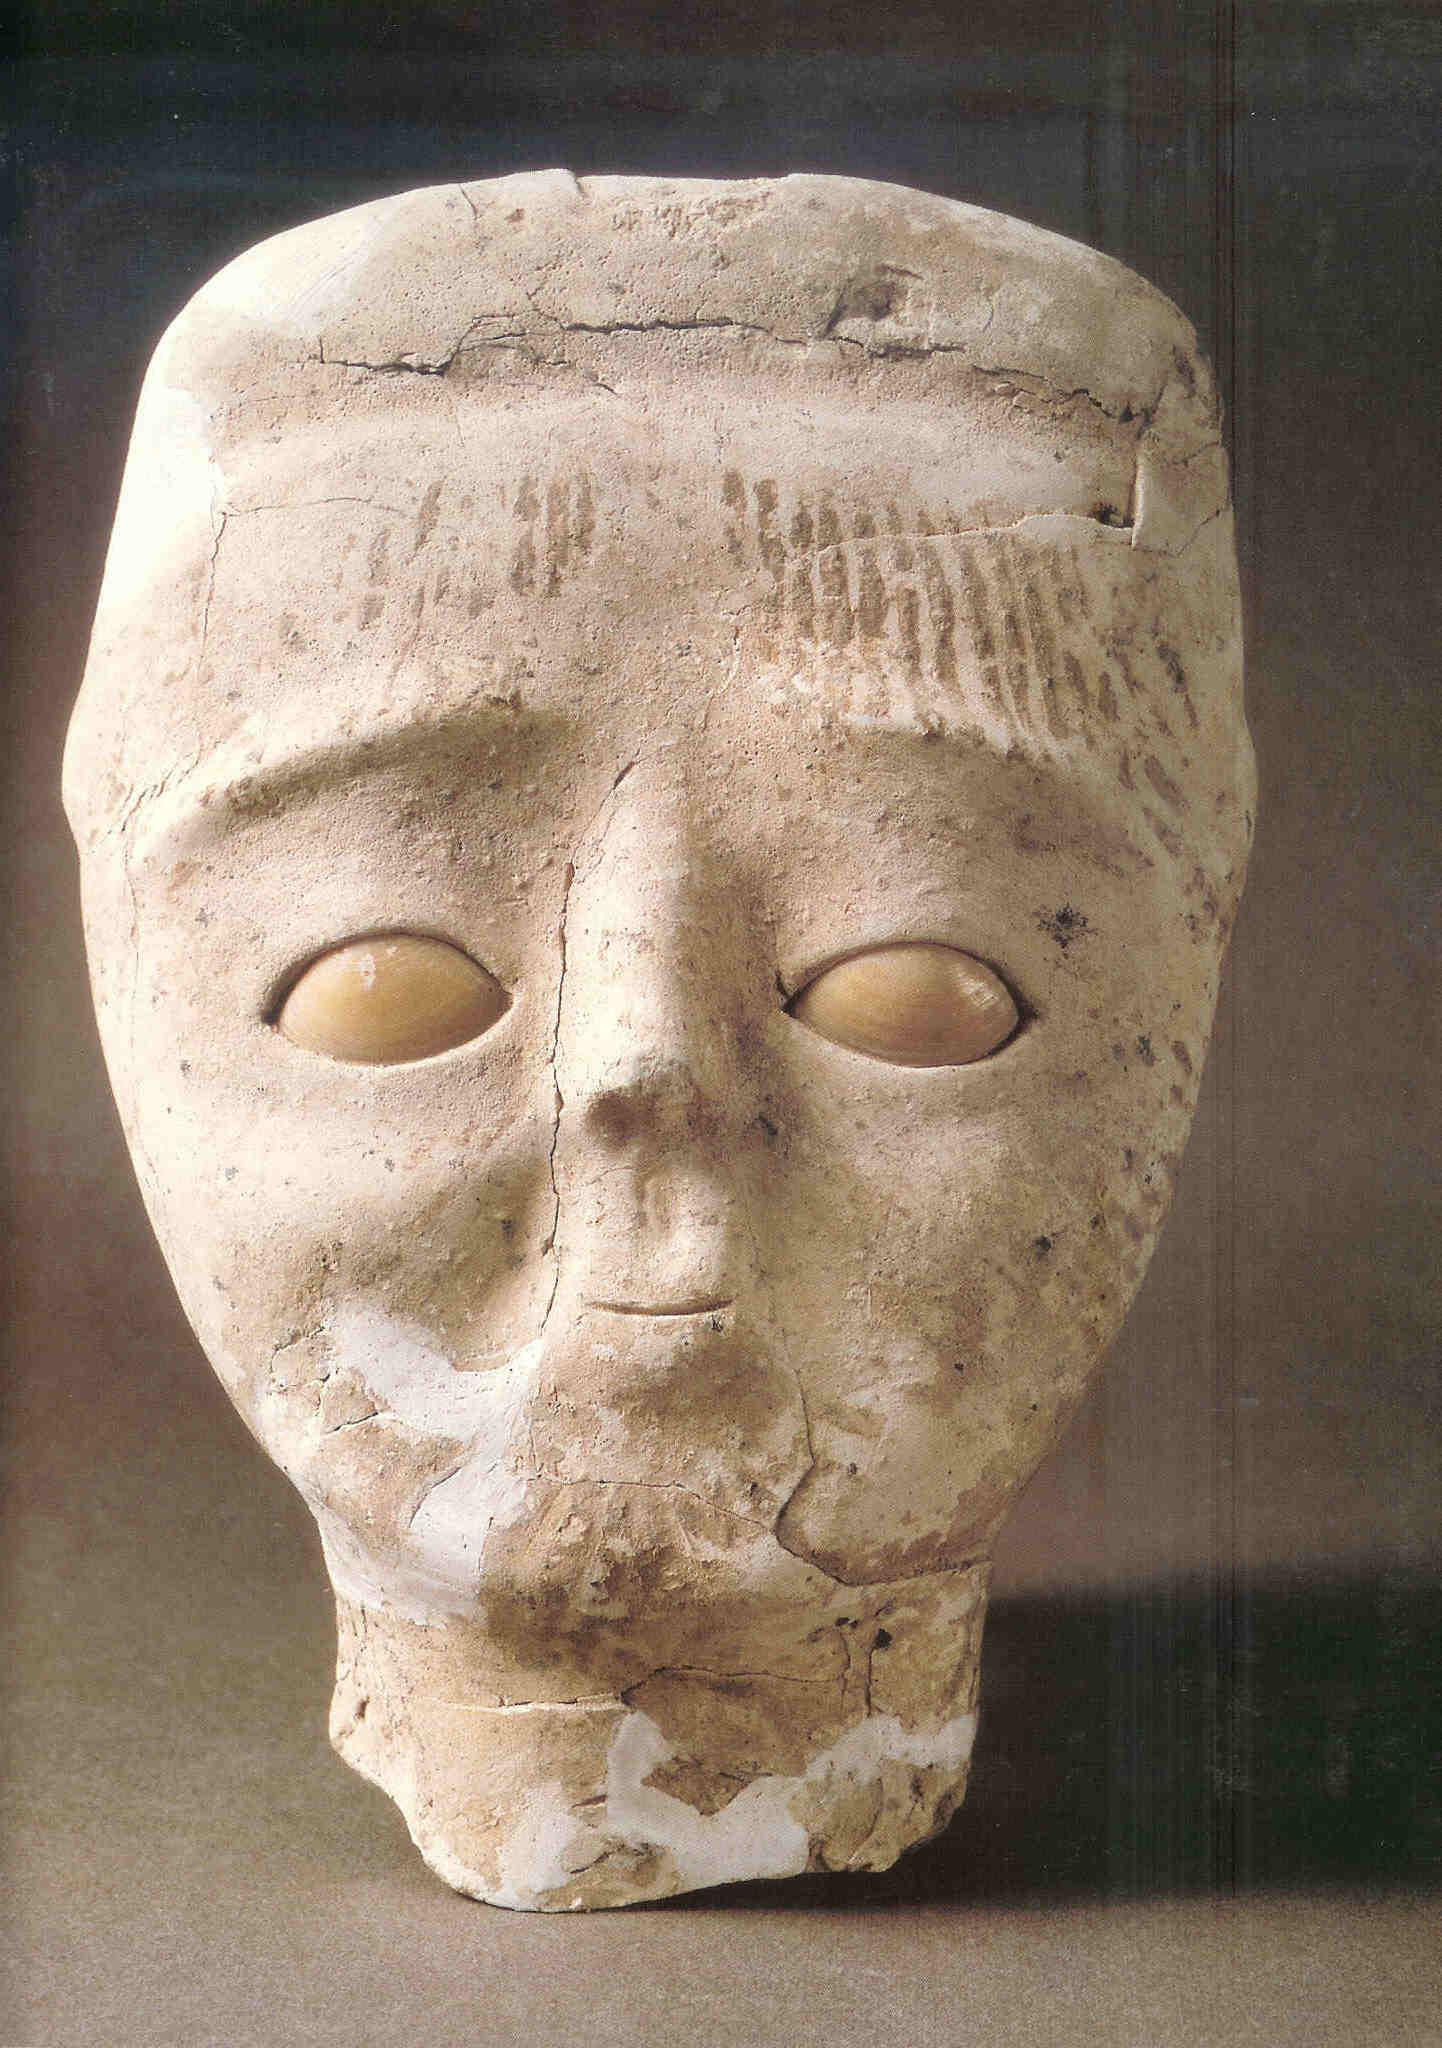 Beschilderd Gipsen Hoofd. Jericho, 7e millennium v. Chr. Met hoofdbedekking en lijnen op voorhoofd. Ogen zijn duidelijk aangegeven. Beeld wordt omschreven als 'gipsen hoofd van mensenfiguurtje' (Burenhult, De Eerste Mens, 232).